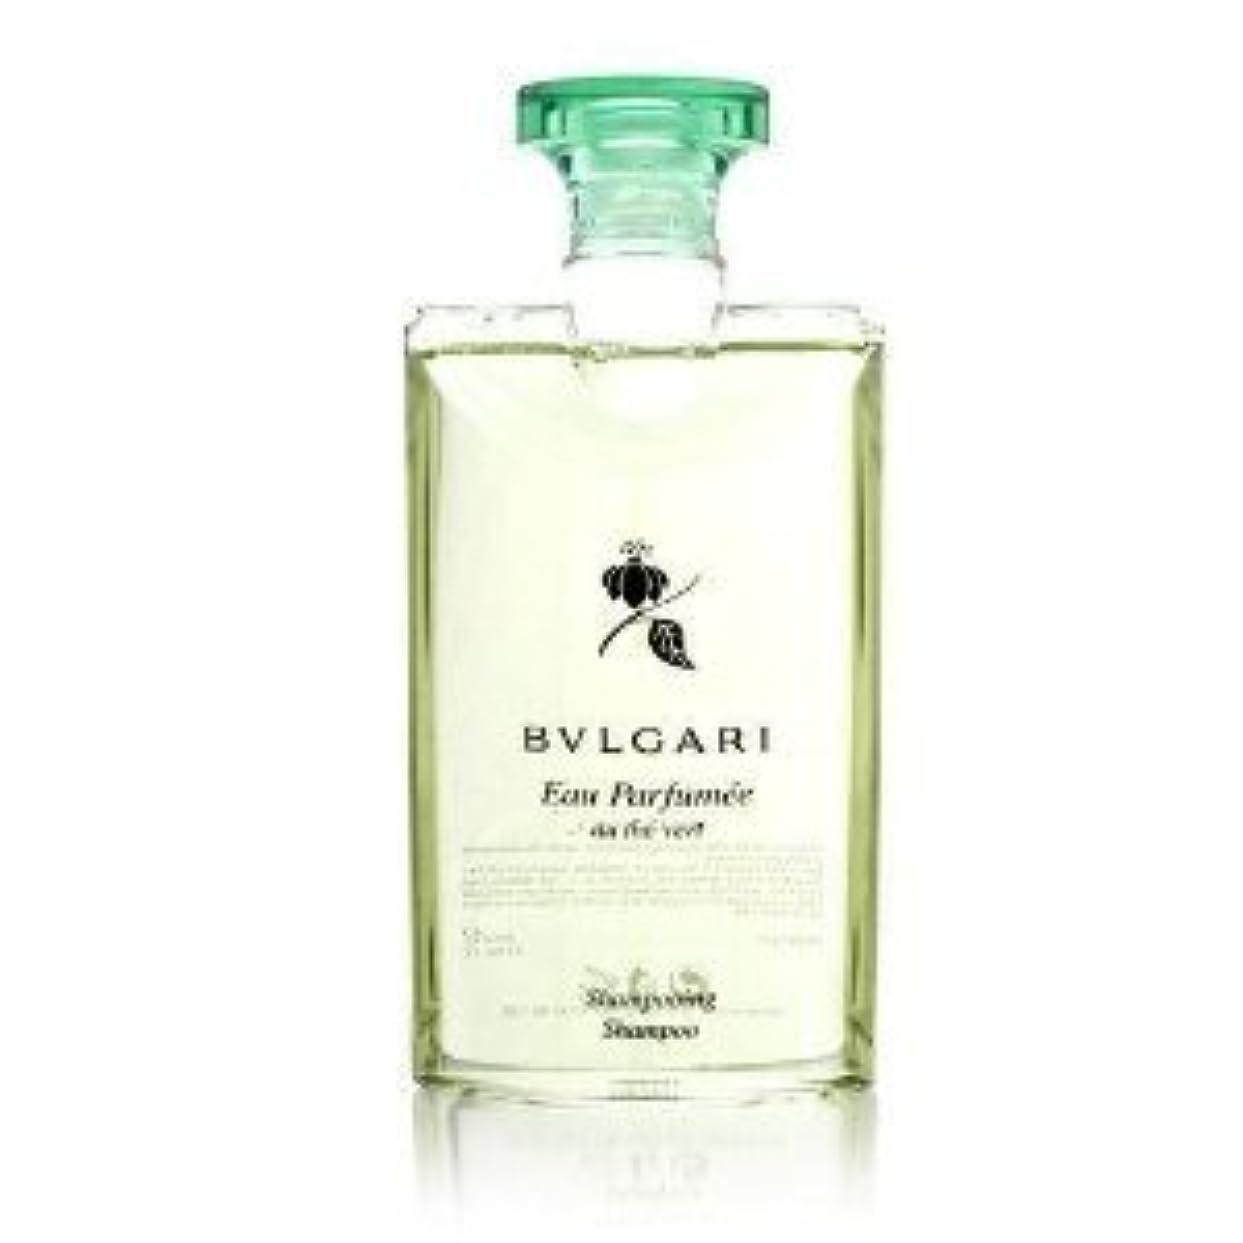 起きているパイルはずBvlgari Eau Parfumee au the vert (ブルガリ オー パフュ-メ オウ ザ バート / グリーン ティー) 2.5 oz (75ml) シャンプー